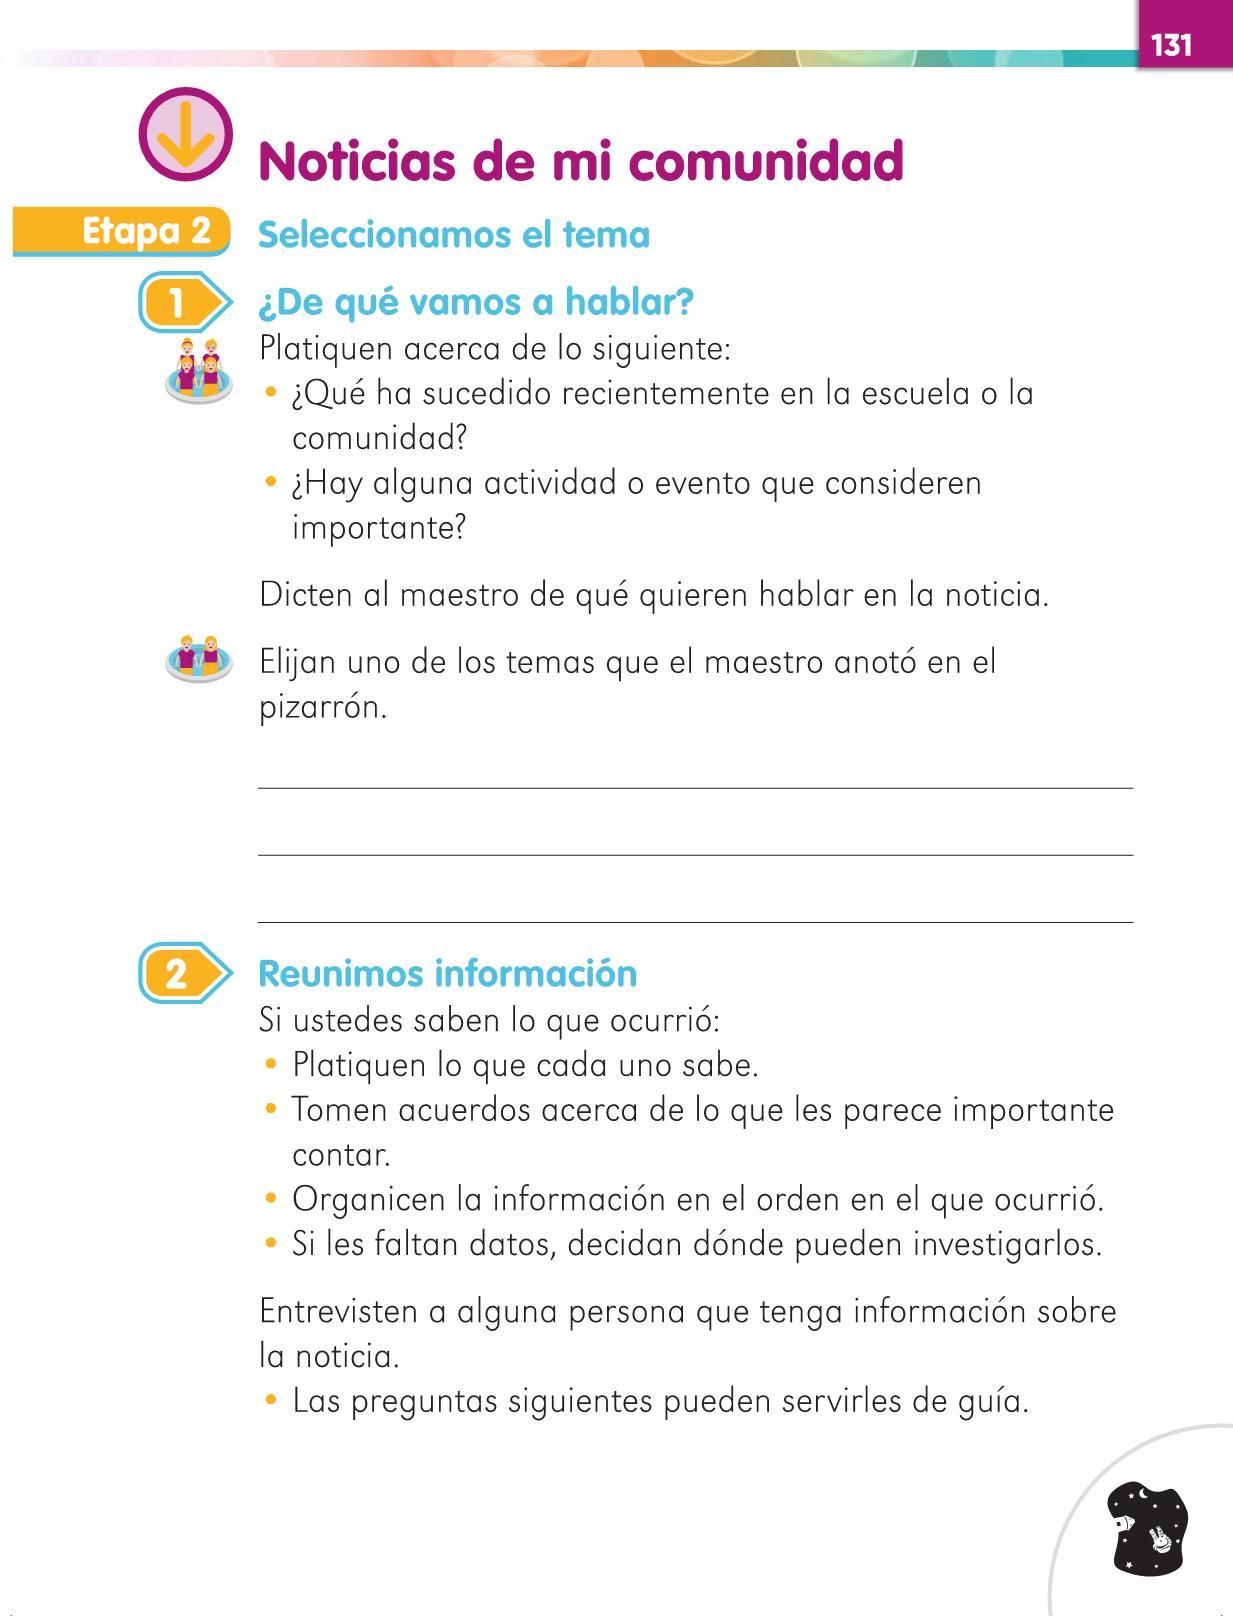 Lengua Materna Español Primer grado página 131